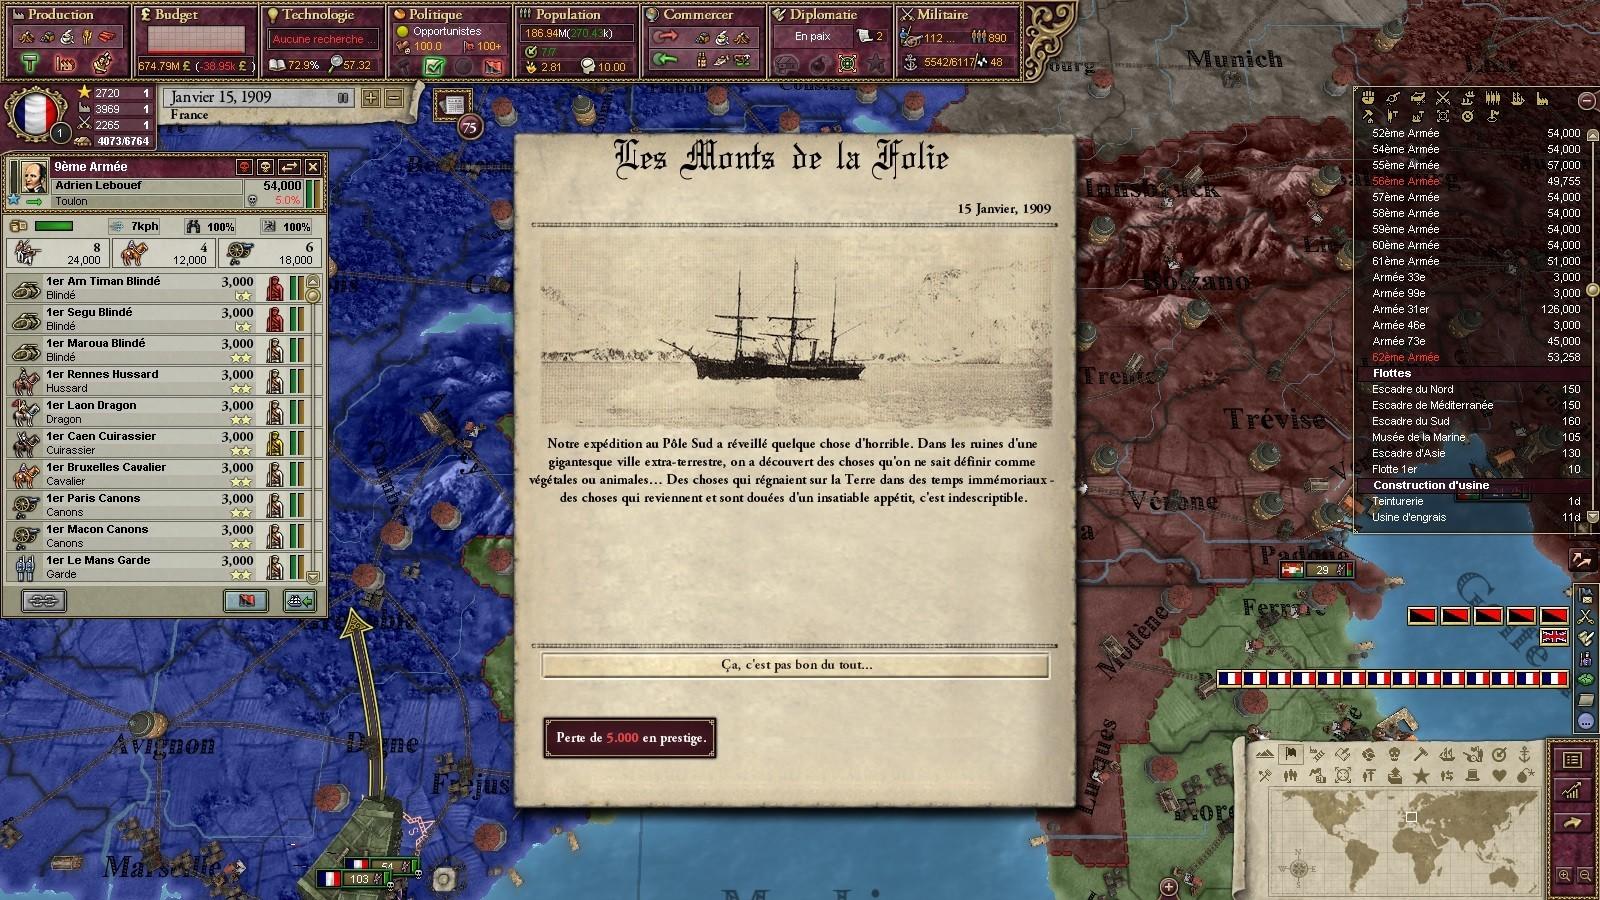 """Victoria II : event bizarroïde """"monts de la folie"""" 6vy2bx"""